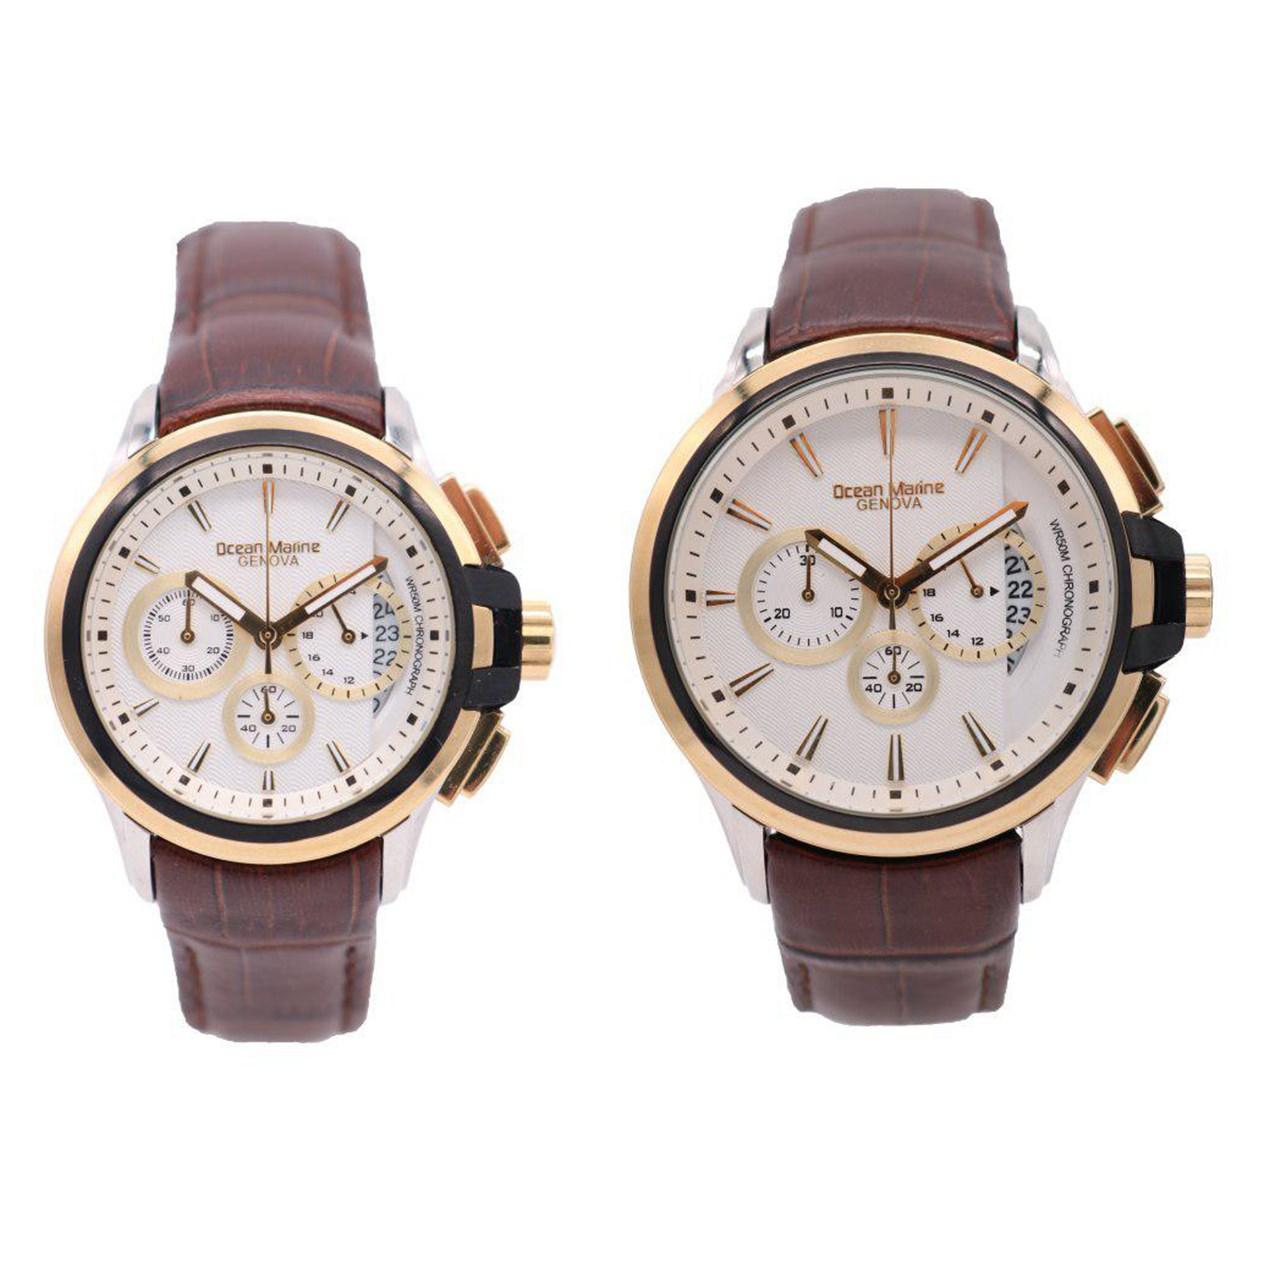 ساعت ست مردانه و زنانه اوشن مارین مدل Z-318Ga5 و Z-318La5 54